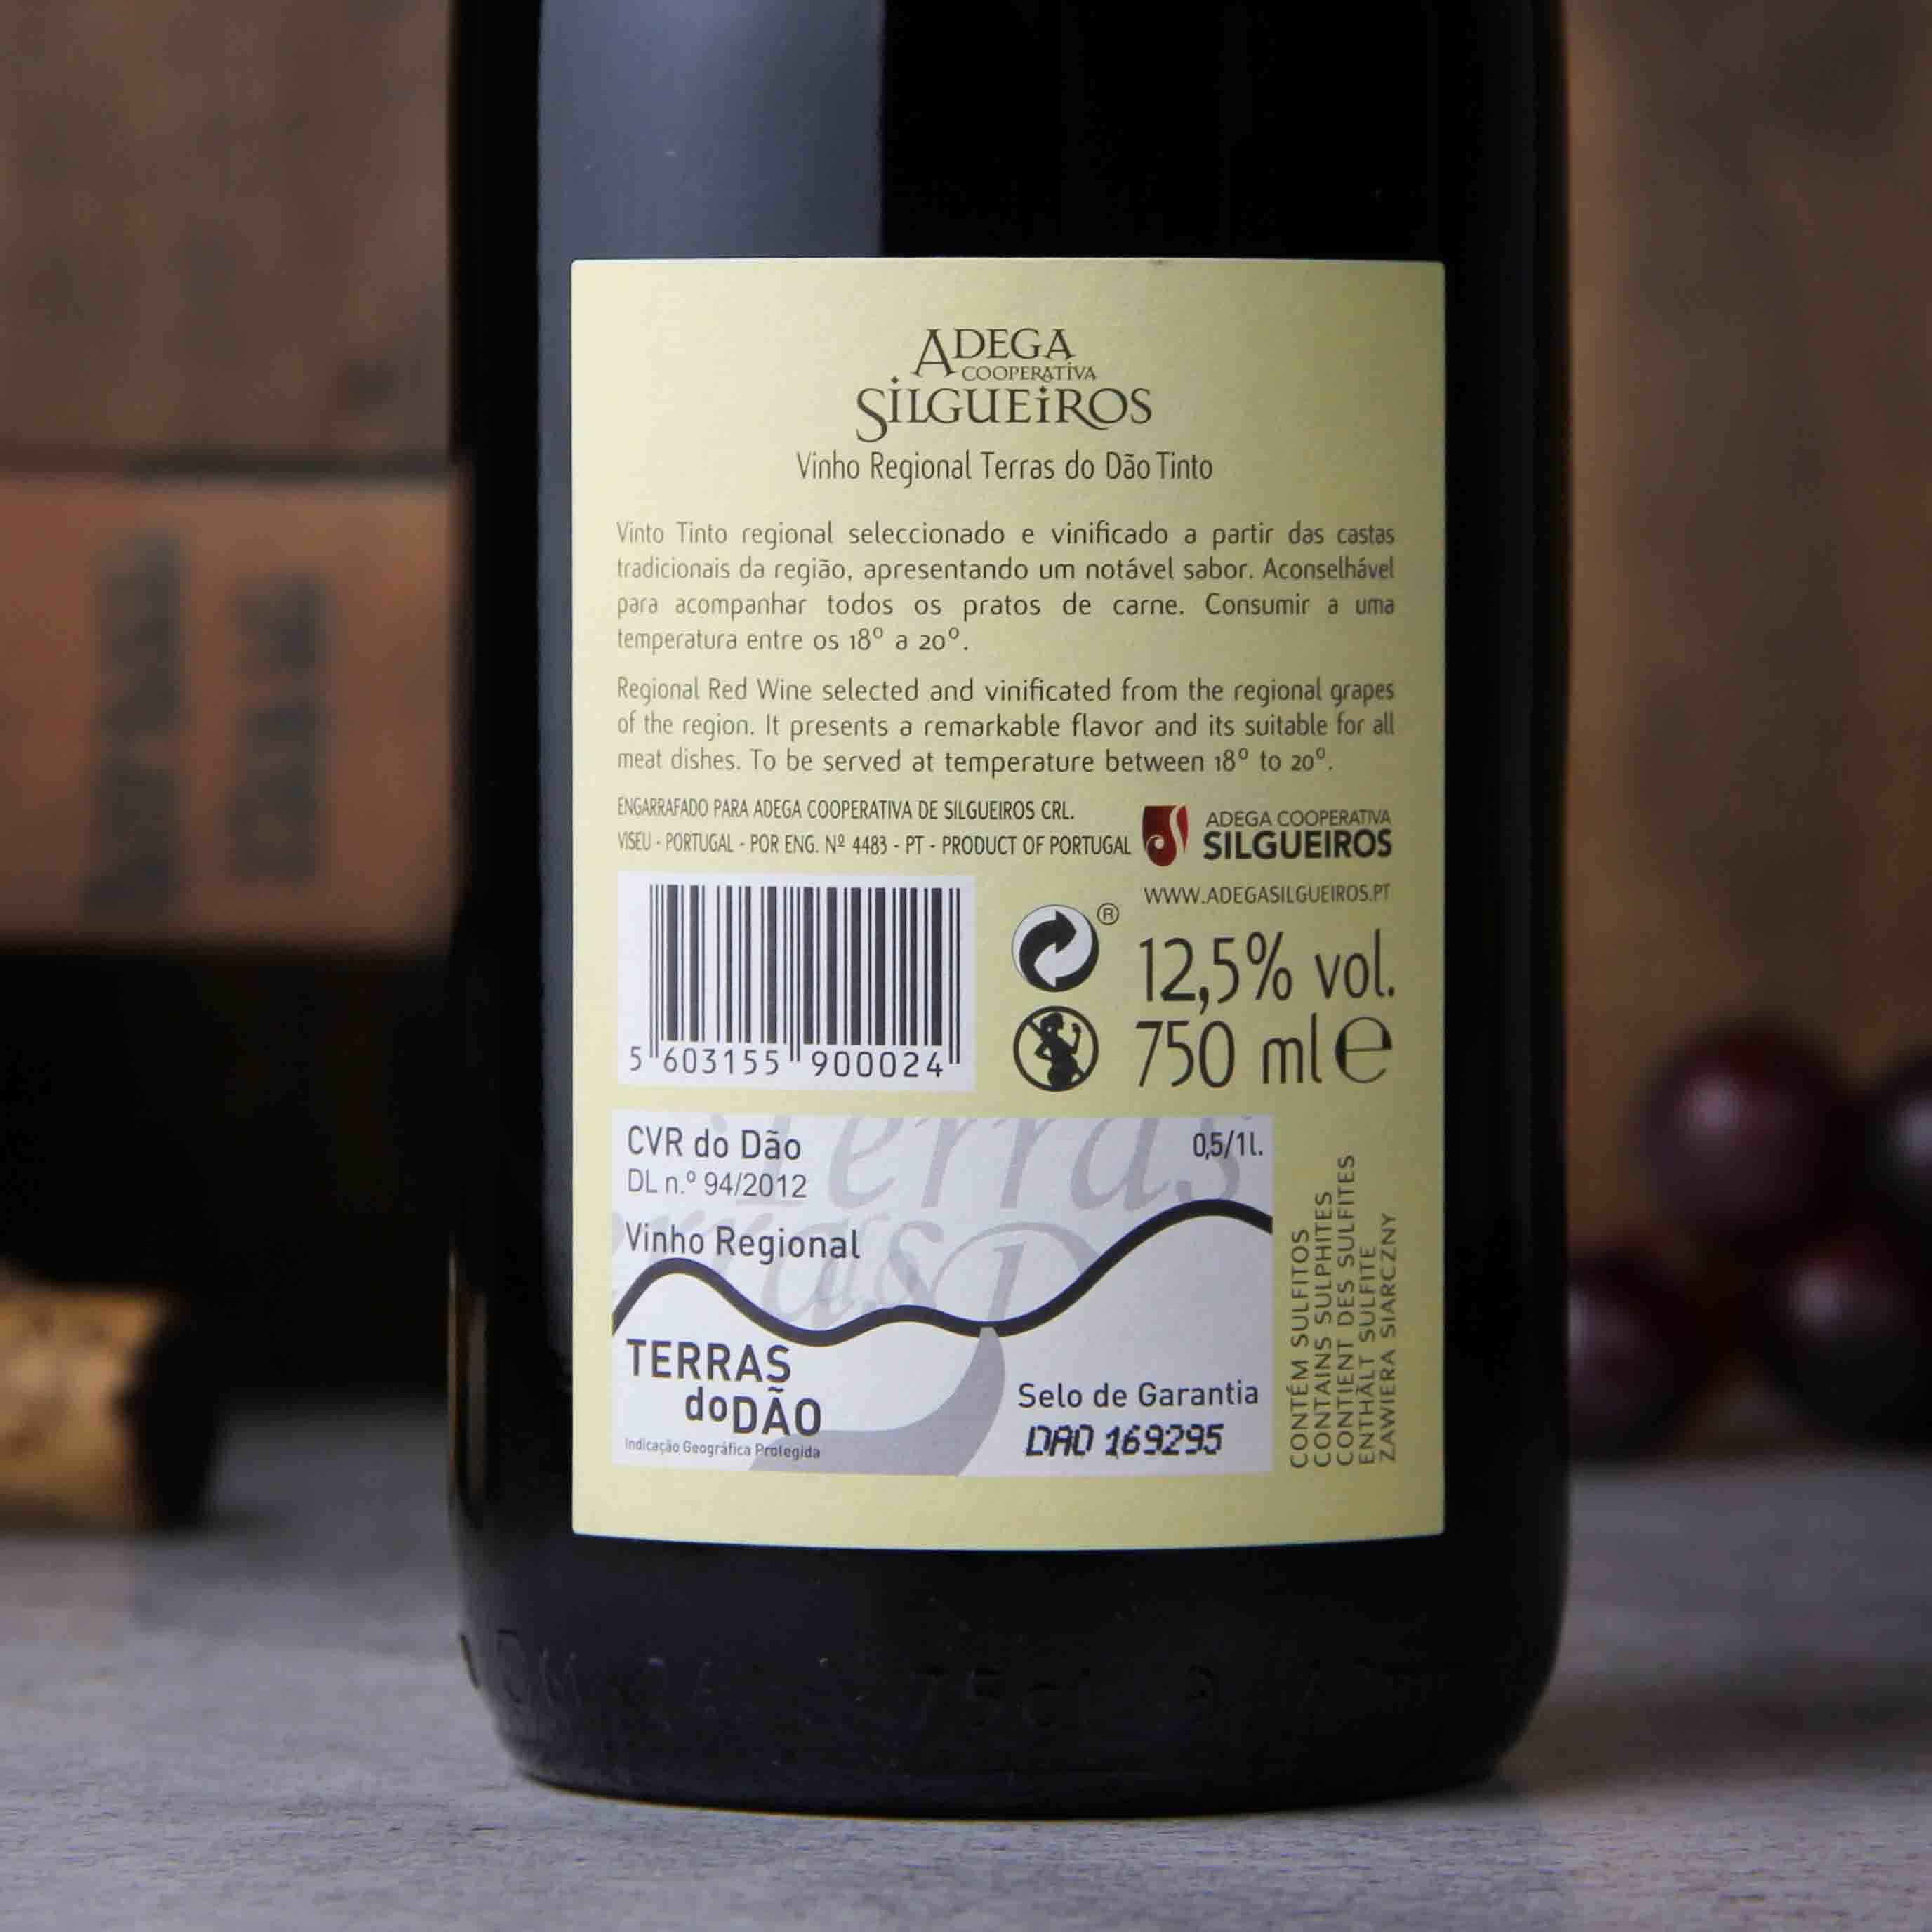 葡萄牙杜奥贝林酒庄斯谷优质葡萄酒